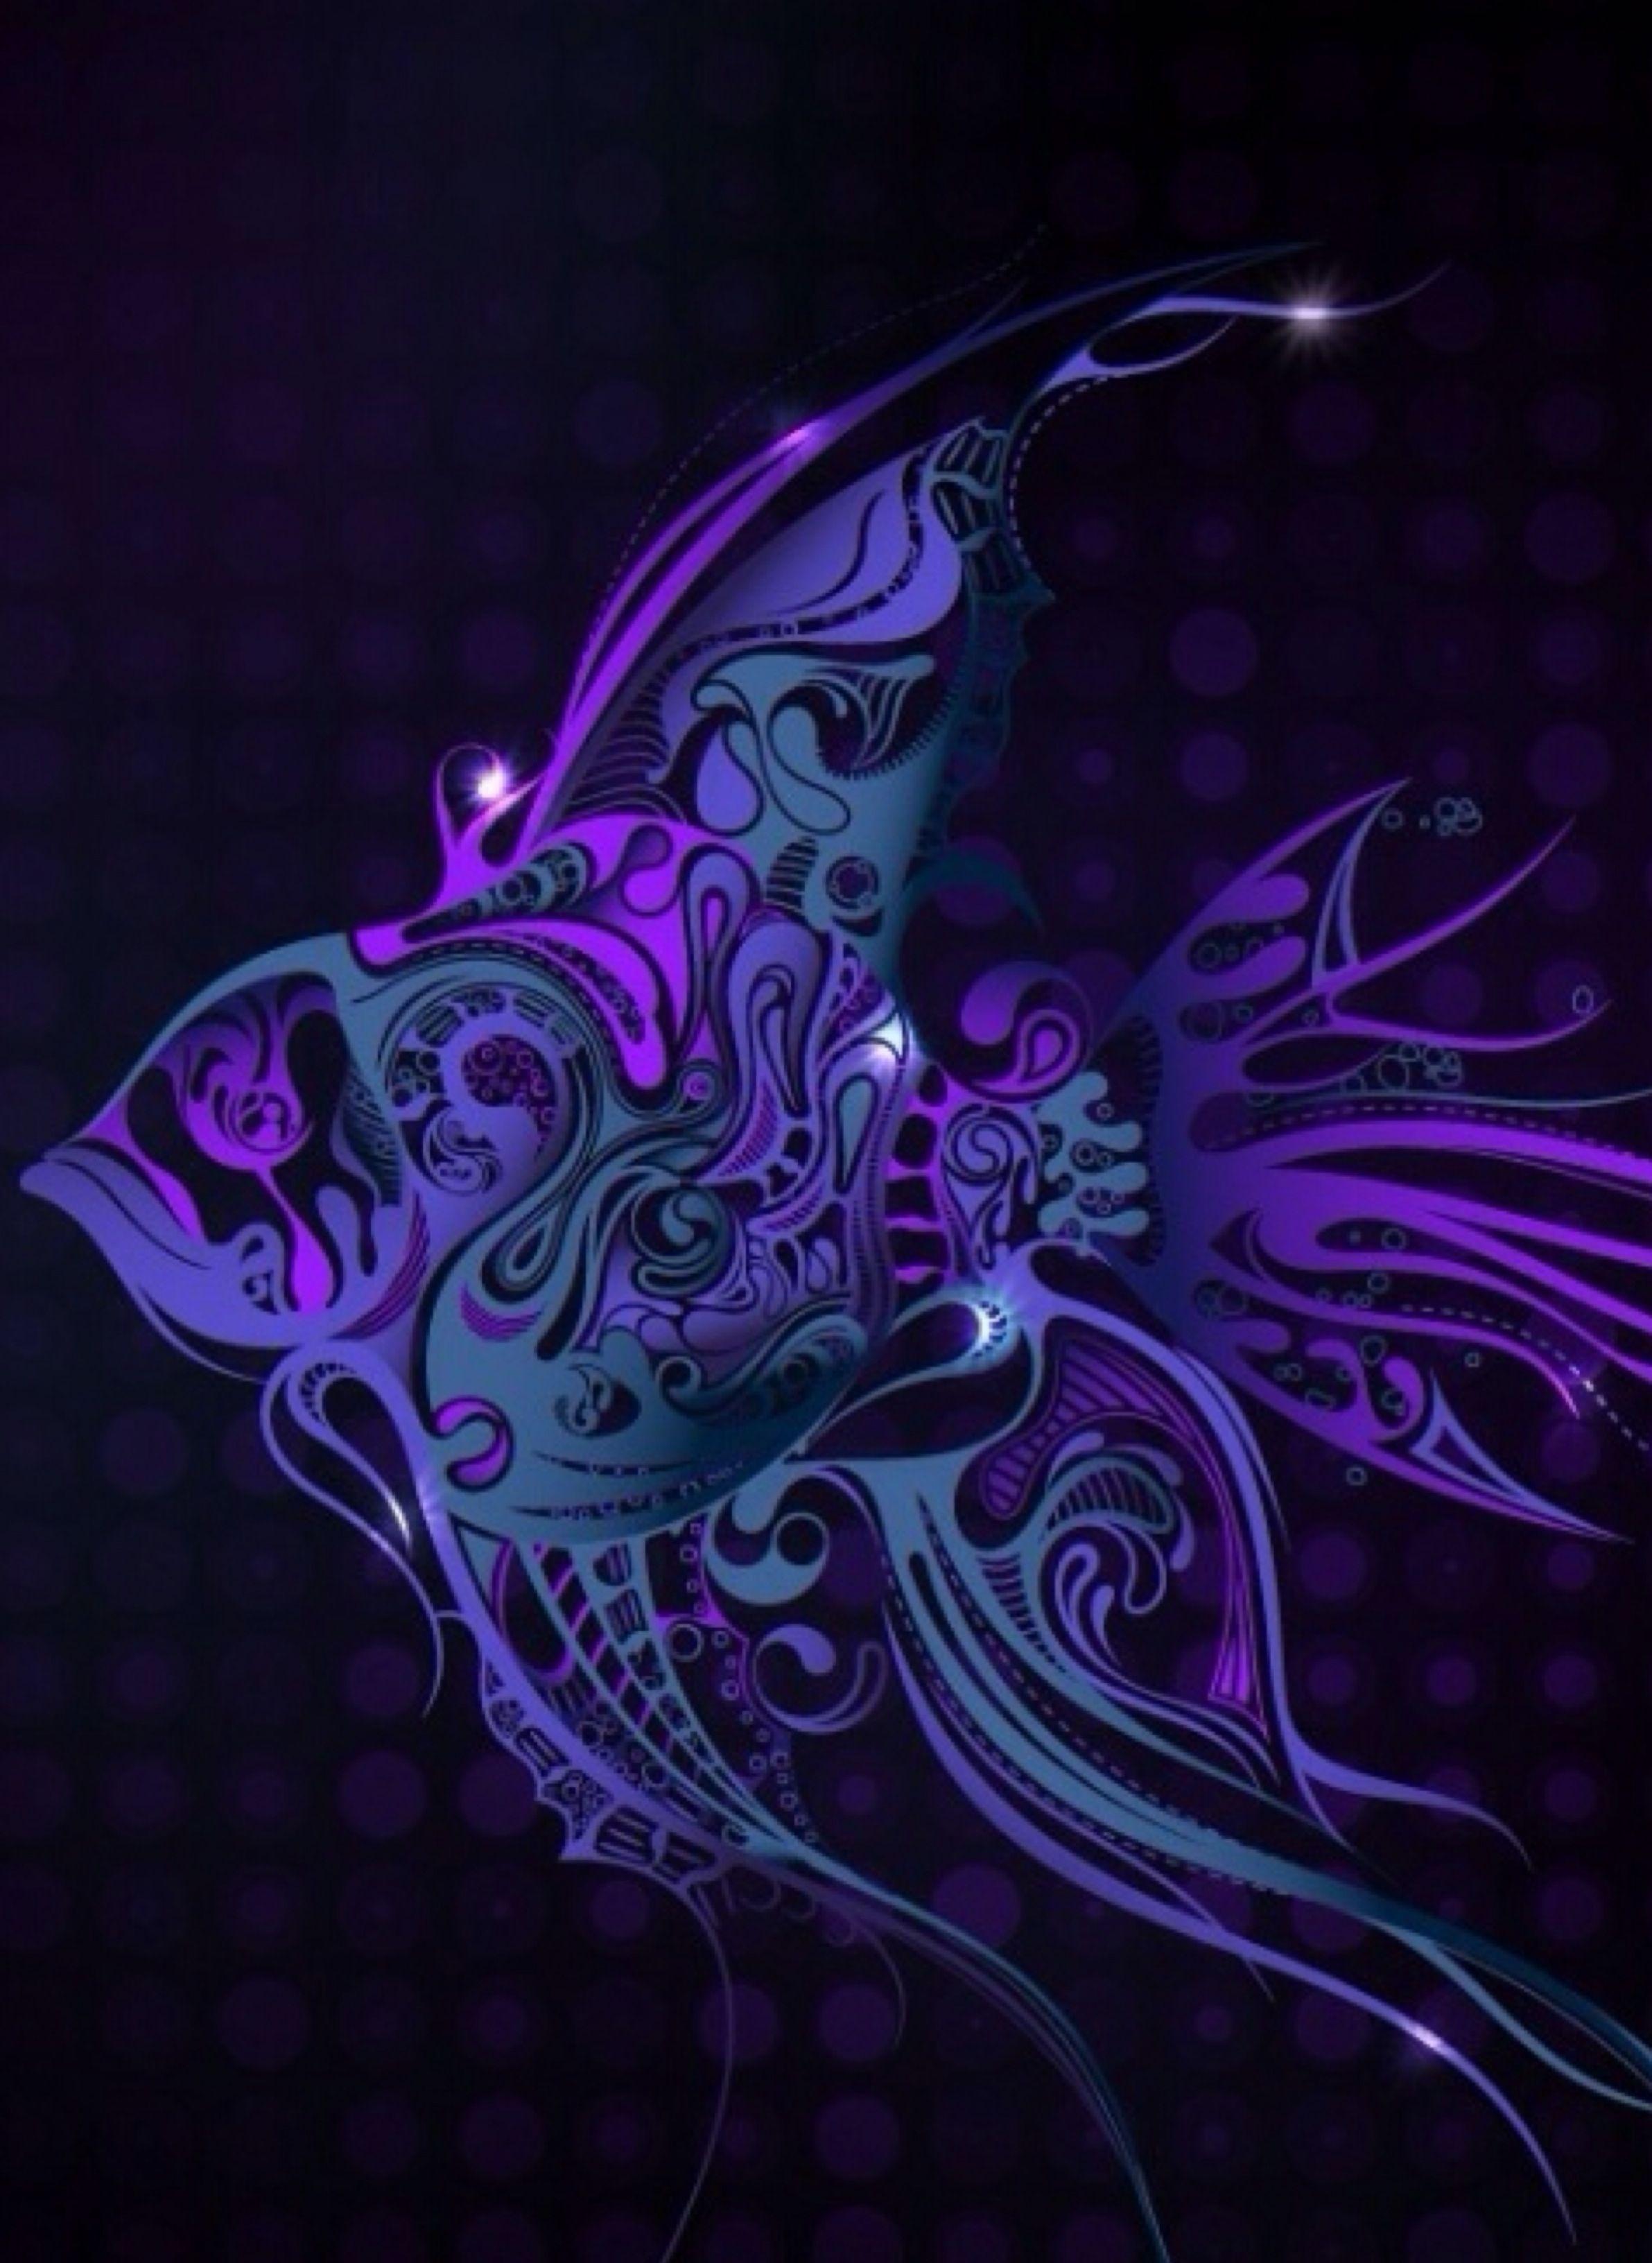 purple purple board purple purple art purple love. Black Bedroom Furniture Sets. Home Design Ideas